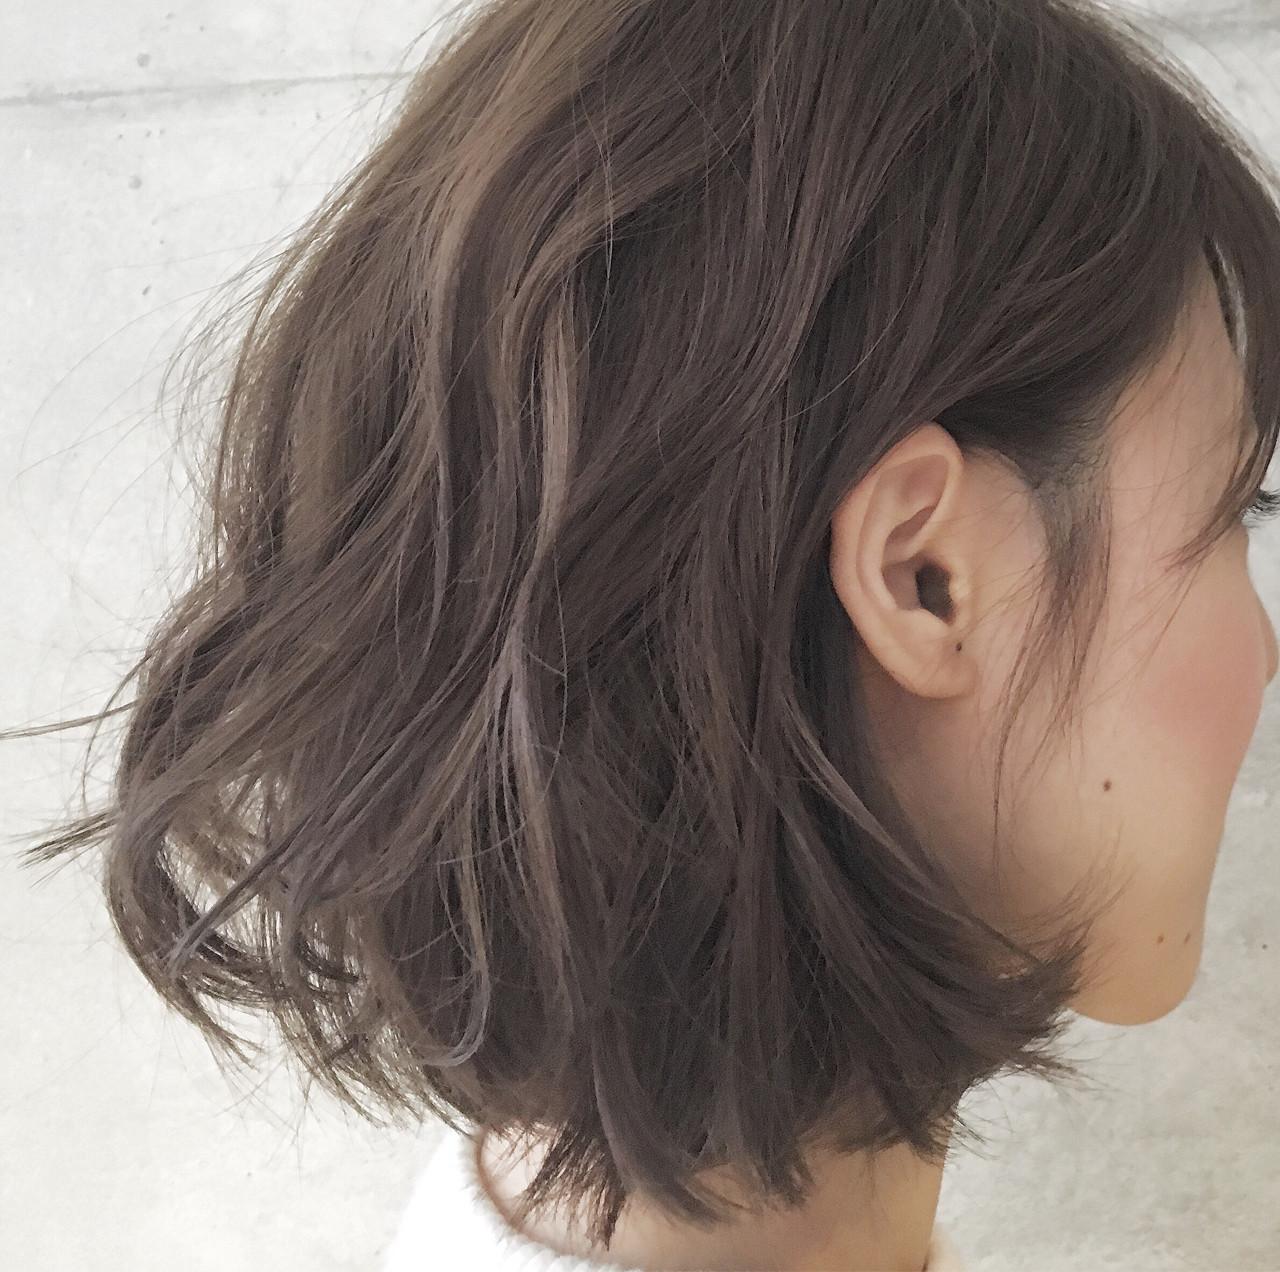 グラデーションカラー ハイライト ボブ 外国人風 ヘアスタイルや髪型の写真・画像 | Sayaka / diptyMOILA